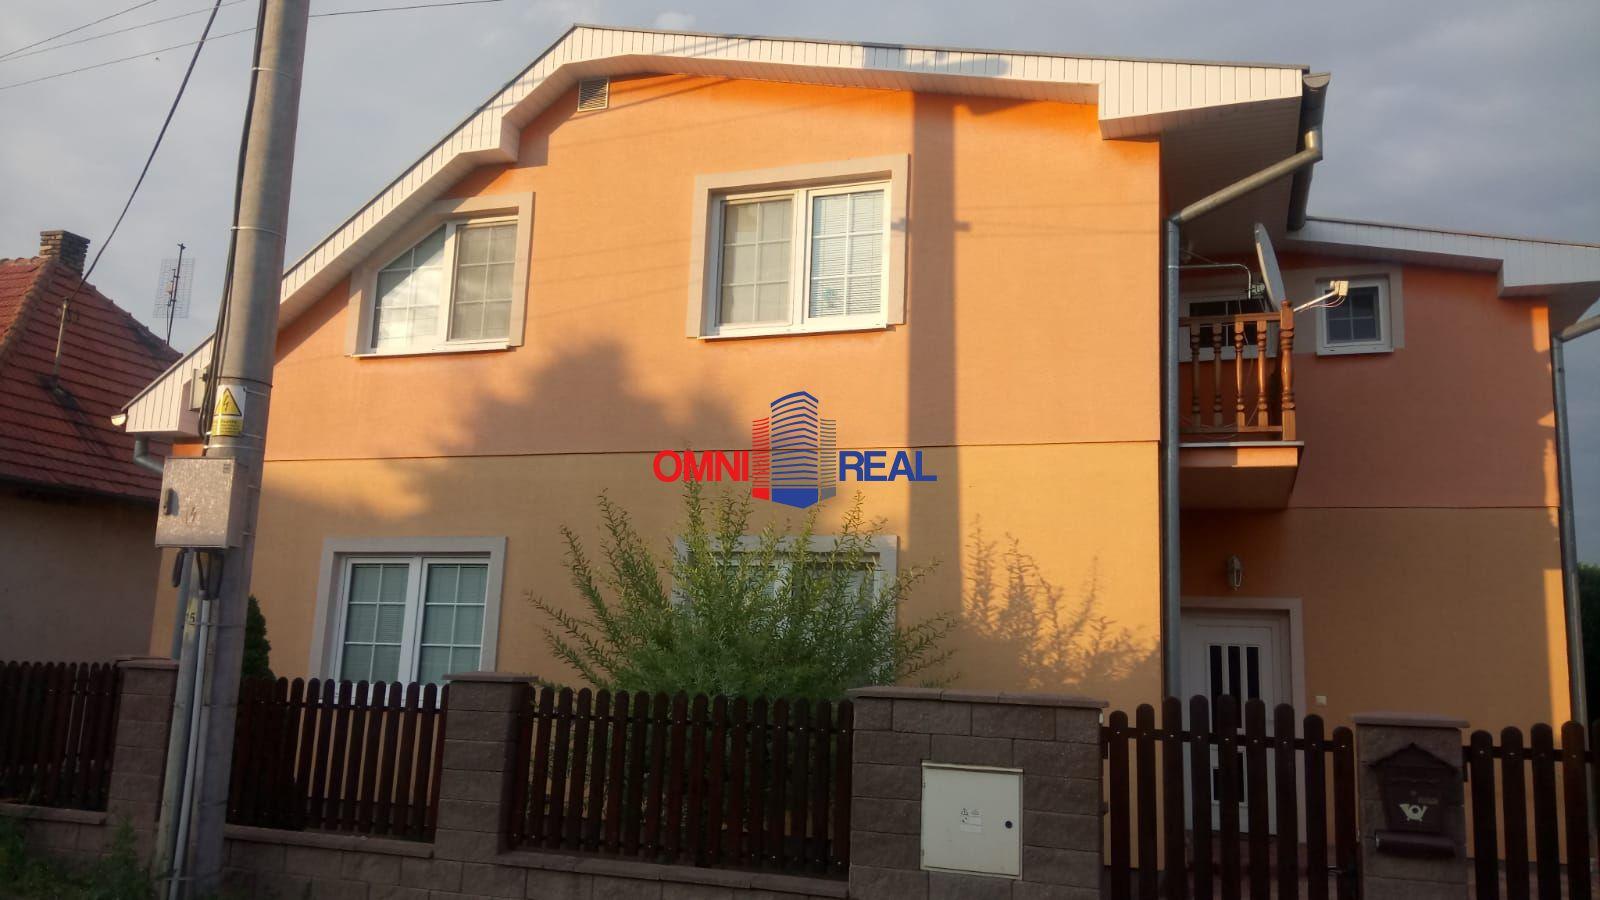 c17cfcdb2 Krásny 4 izbový rodinný dom + samostatná bytová jednotka, kompletná  rekonštrukcia, 7 árový pozemok v obci Lehota pri Nitre